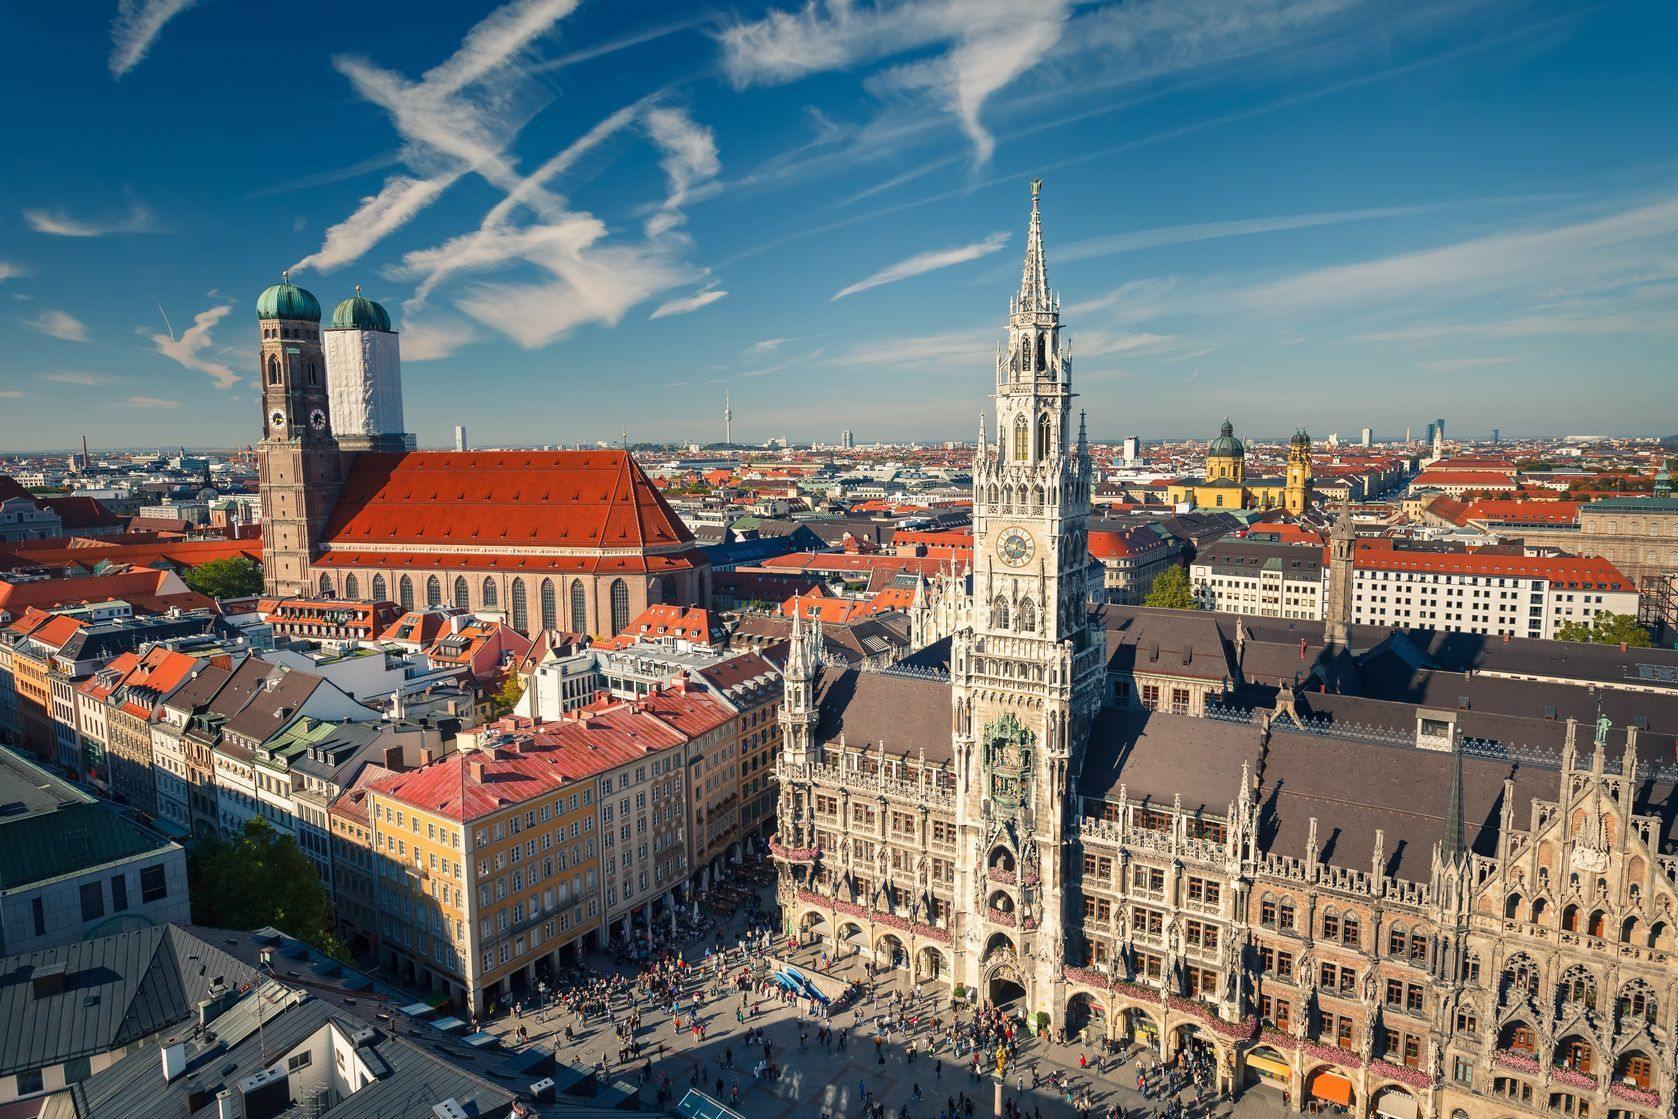 pohled na náměstí v Mnichově